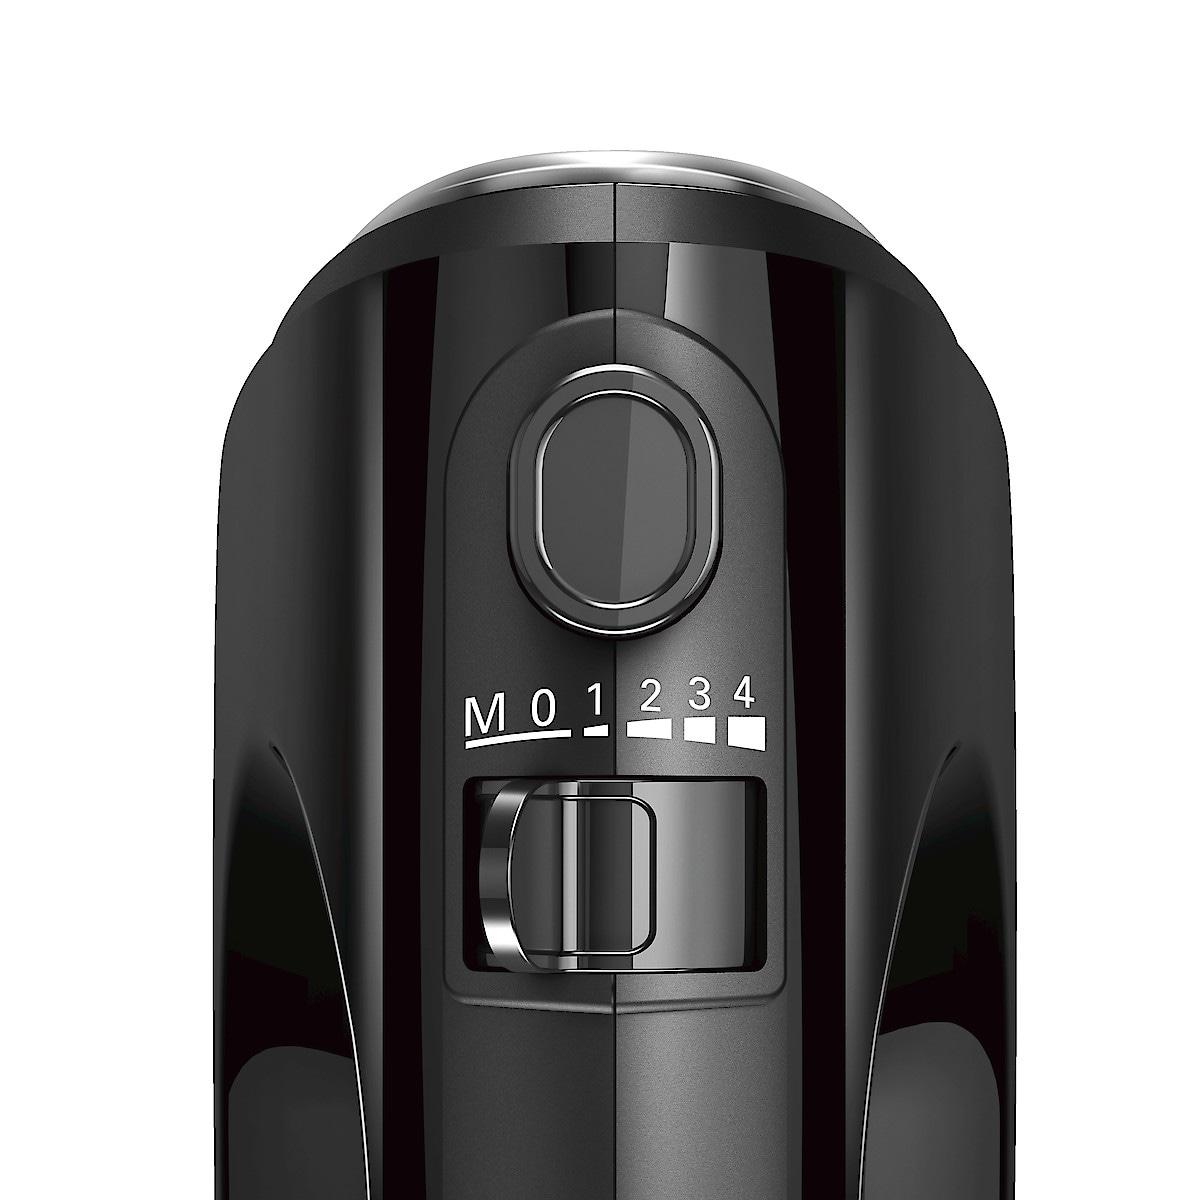 Handrührgerät Bosch CleverMixx Spotlight MFQ2520B, 500 W